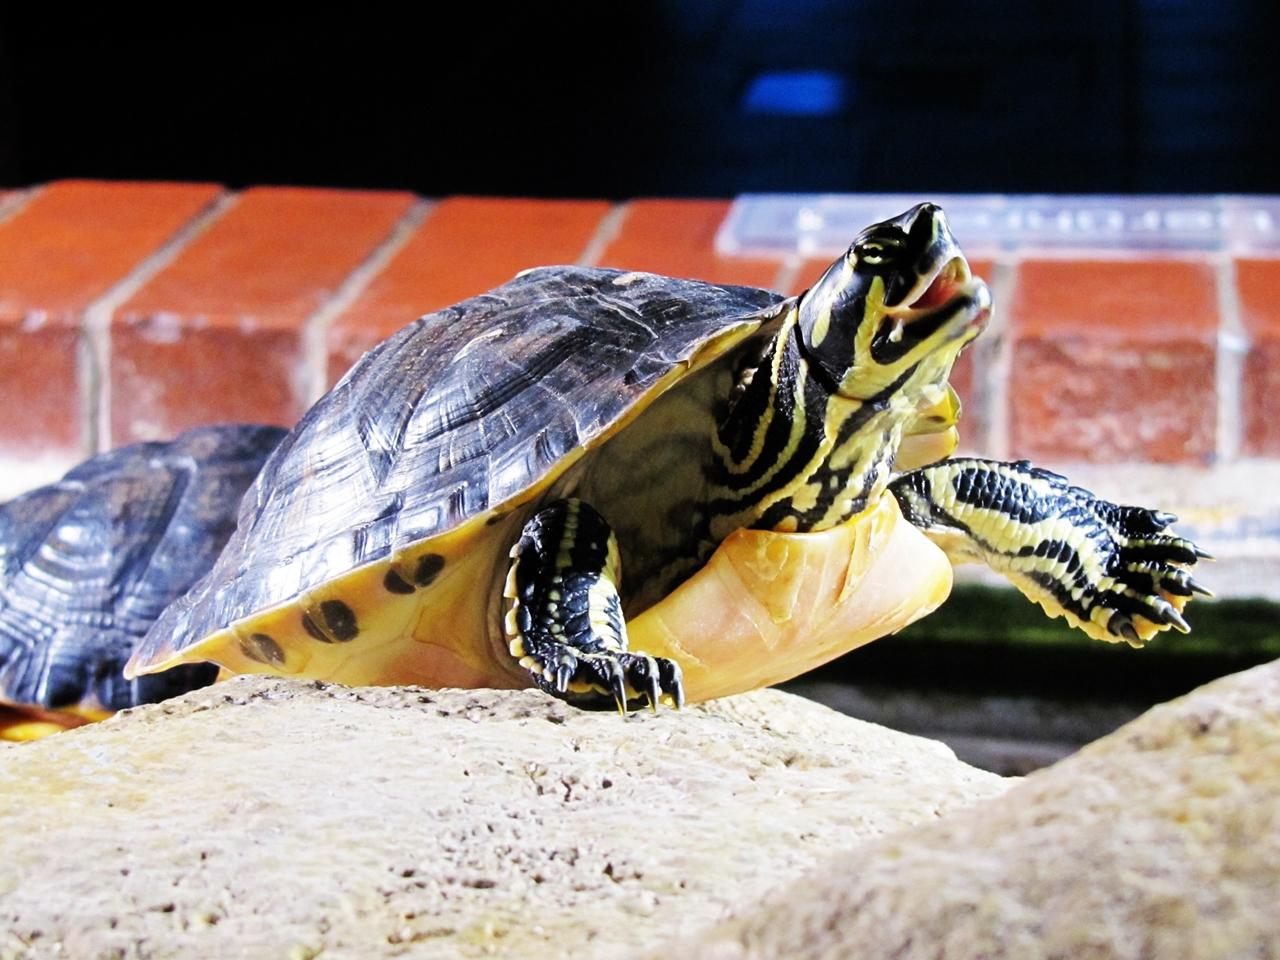 Schnappschildkröte 2